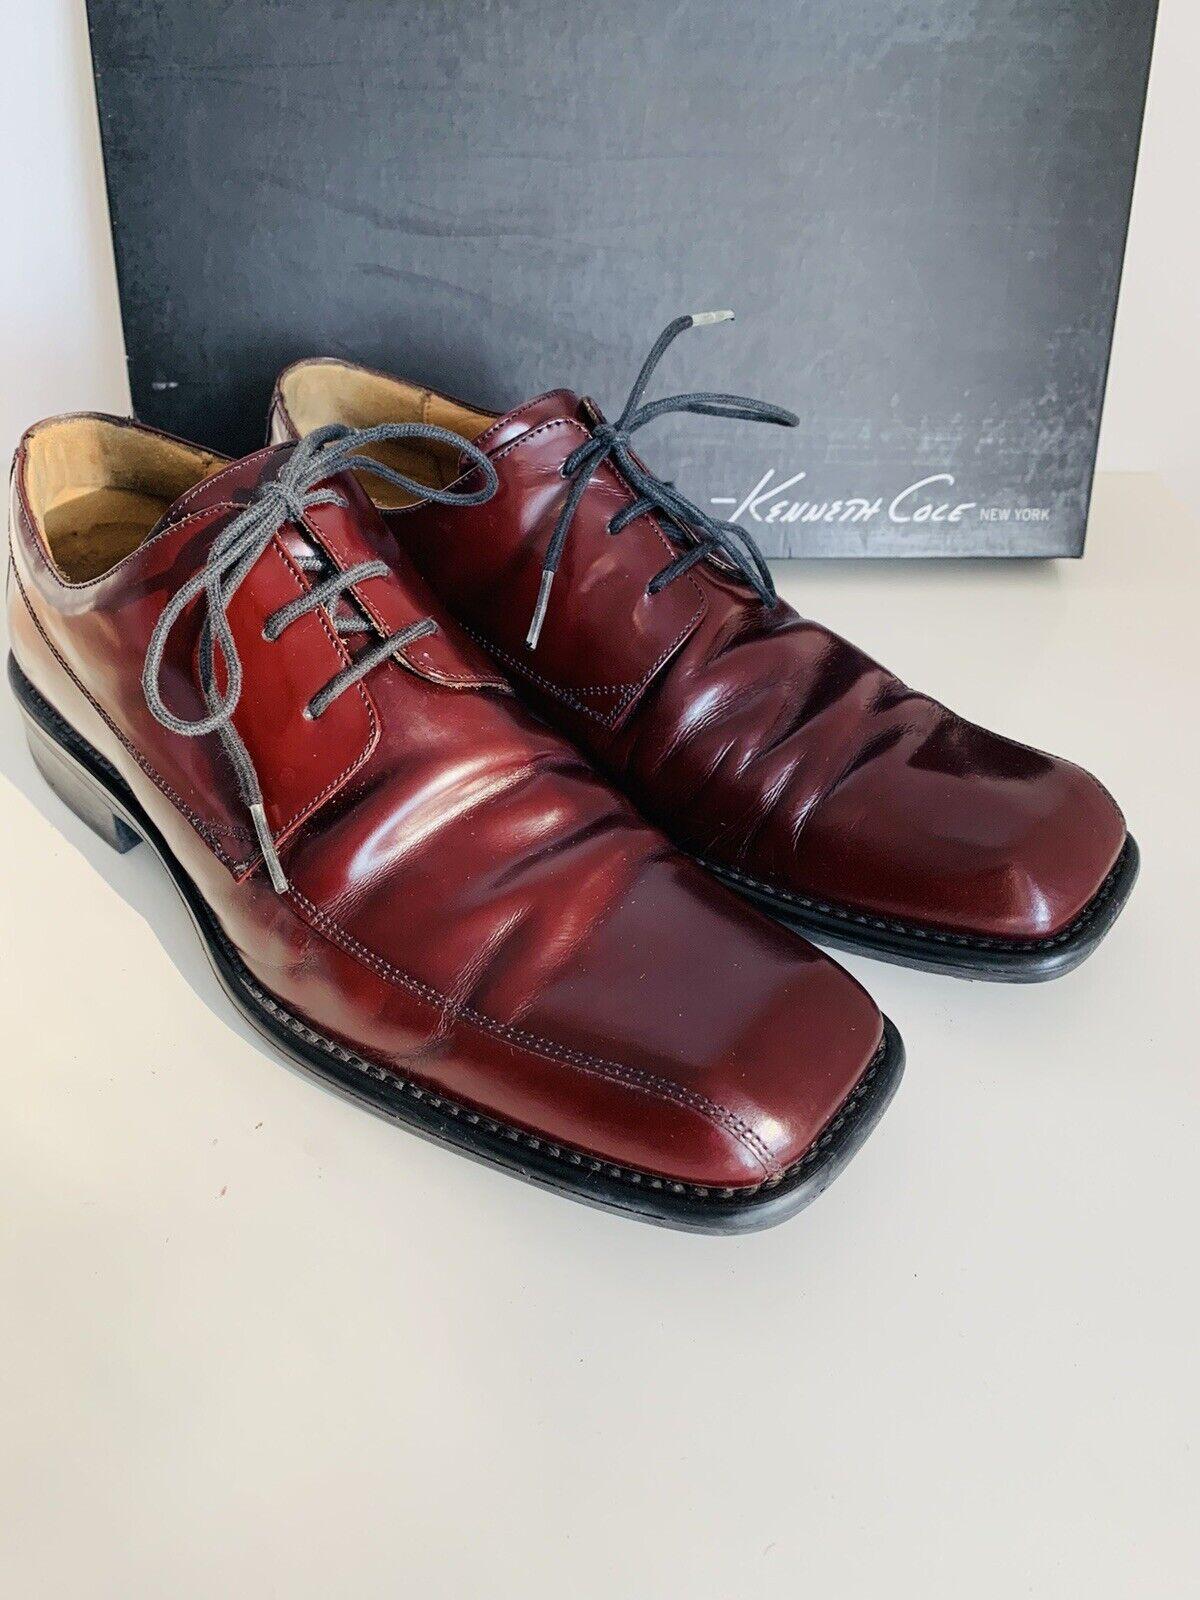 Kenneth Cole Nuovo York Men's Borgogna Lace-up scarpe di pelle Taglia  9 | Ampie Varietà  | Scolaro/Signora Scarpa